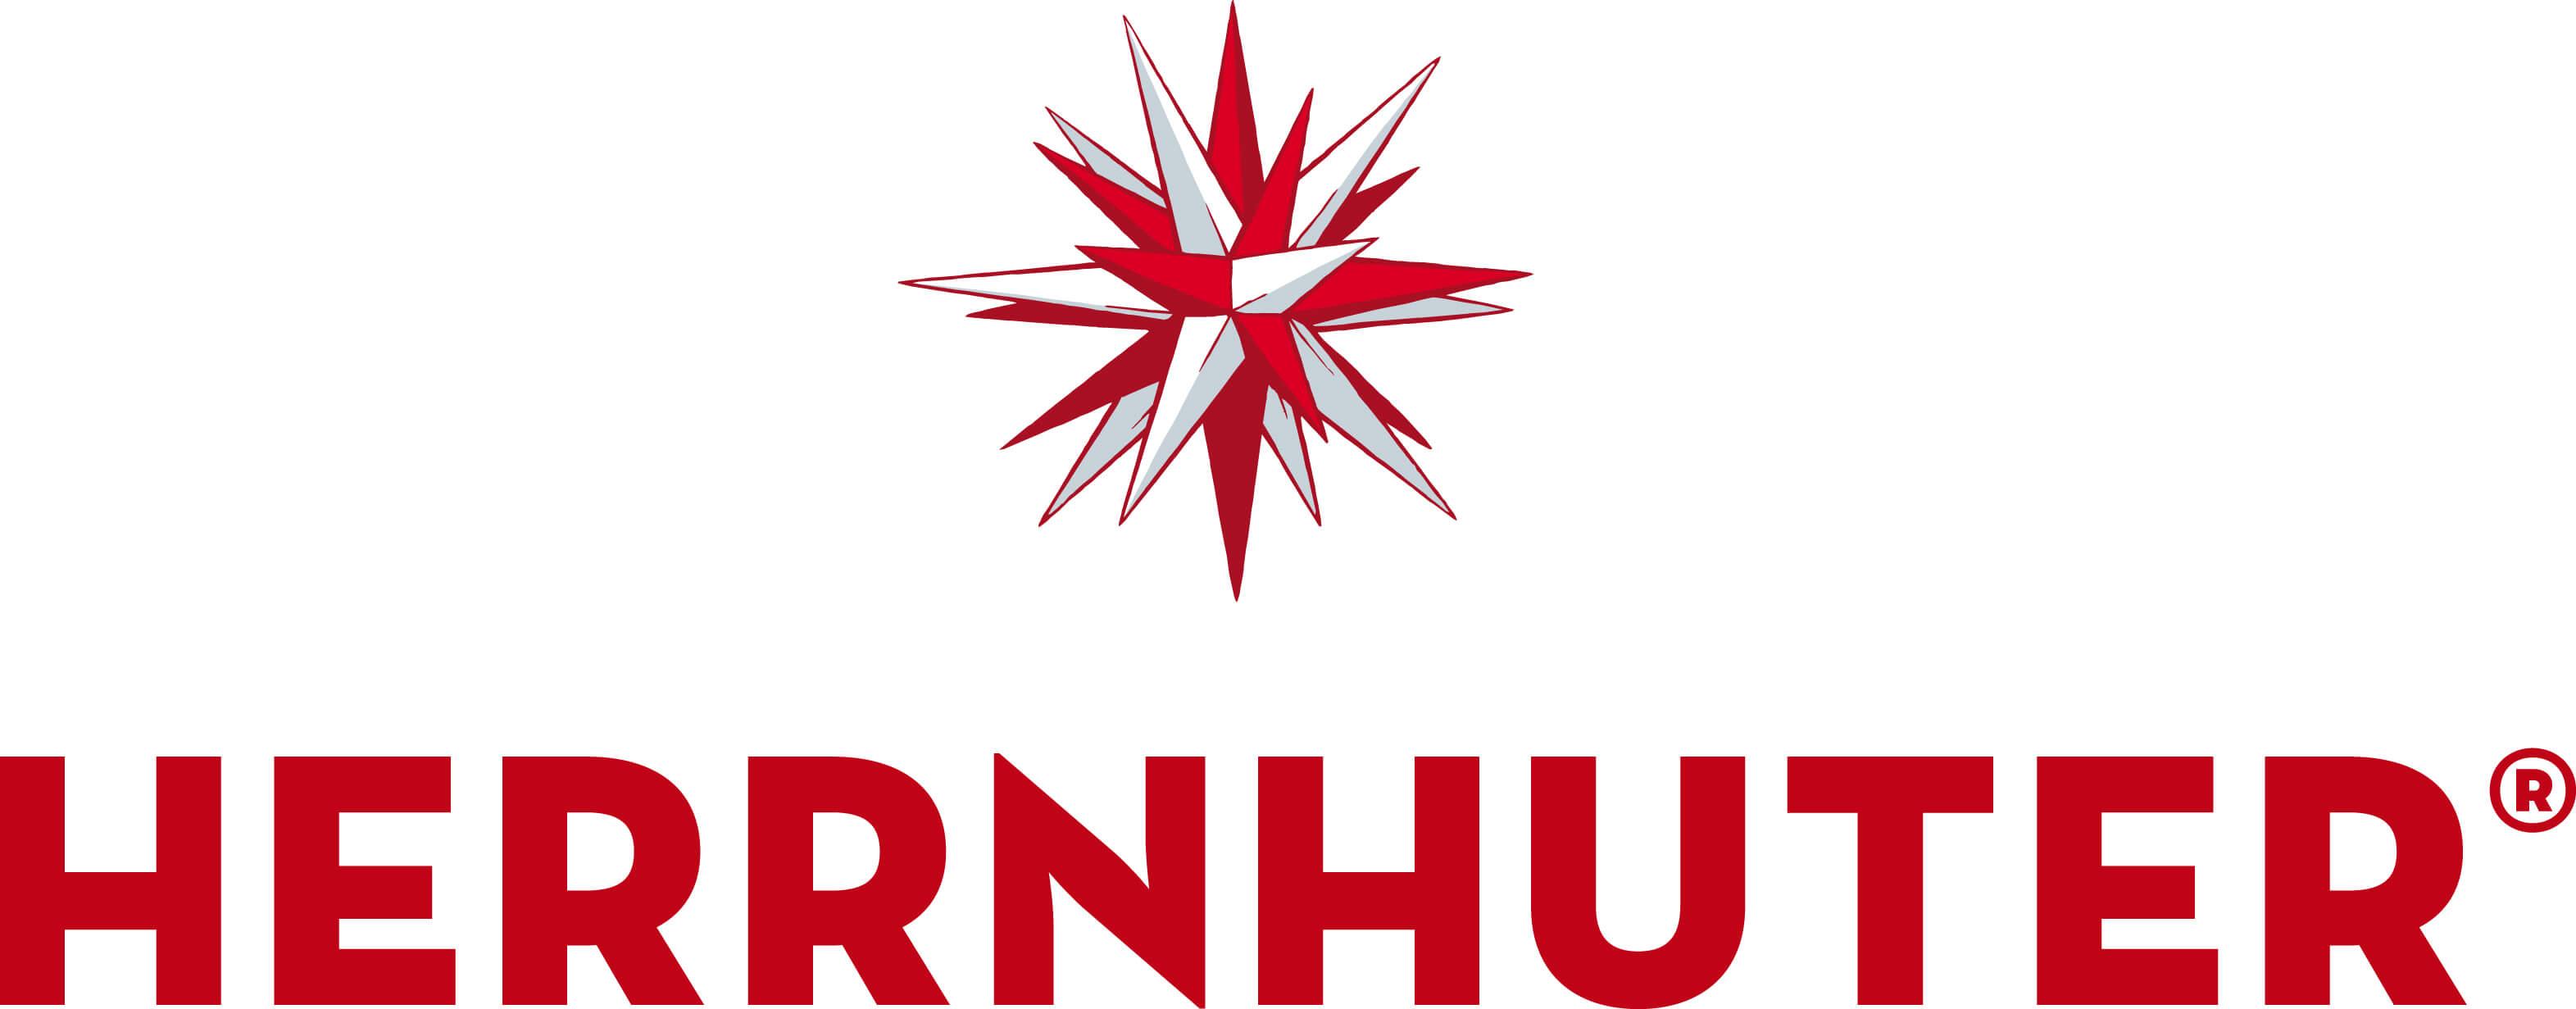 Herrnhuter